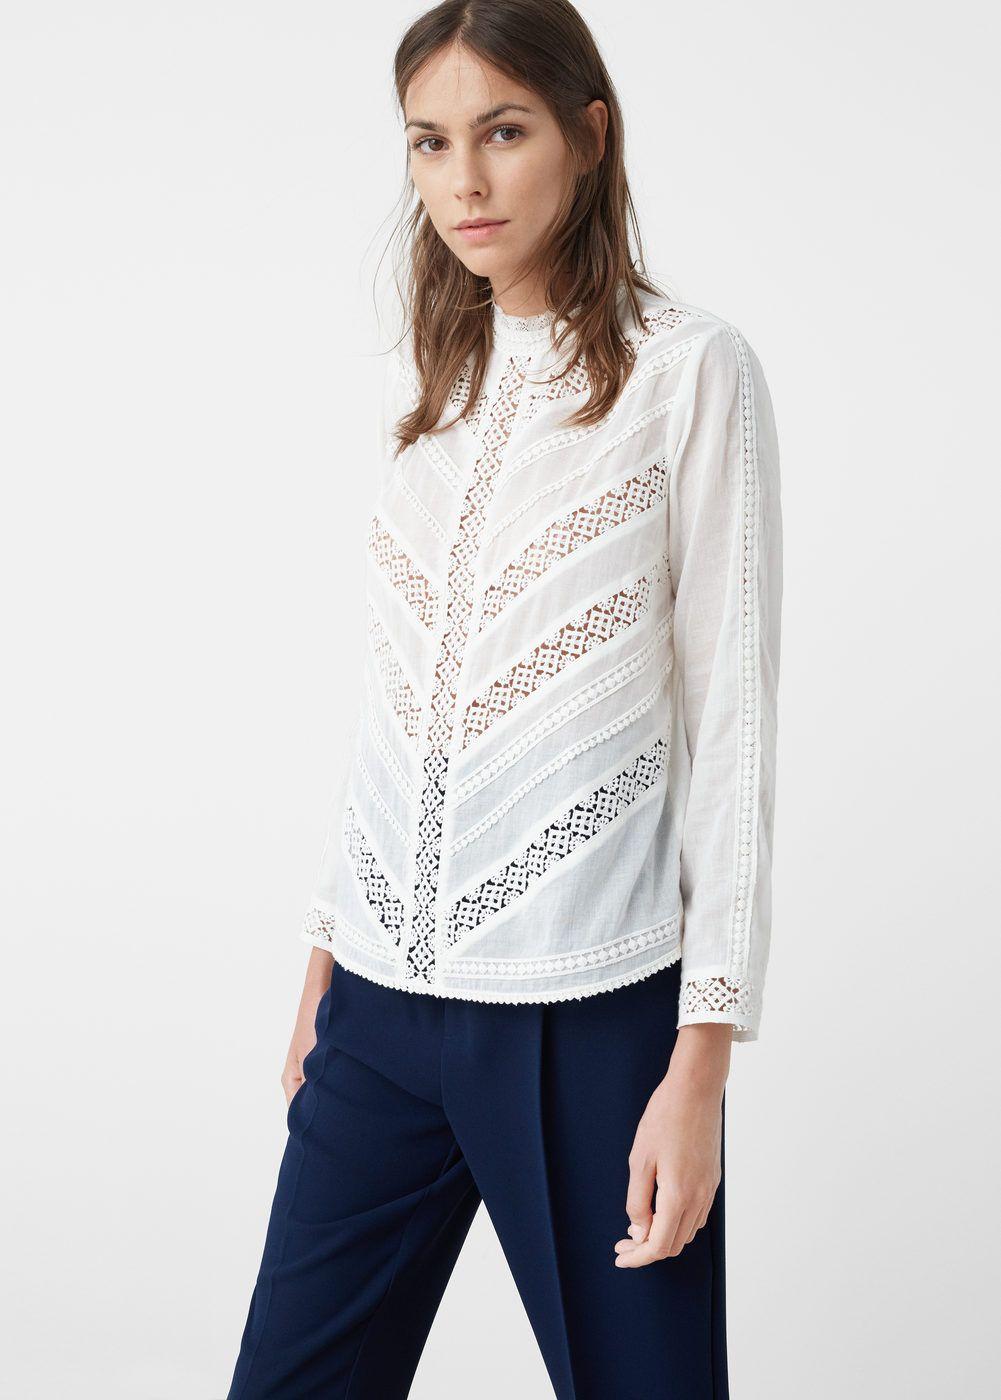 Pizzo Camisa Maggio Blusa DonnaRosa Inserto Di Pinterest QxhtCBsrdo